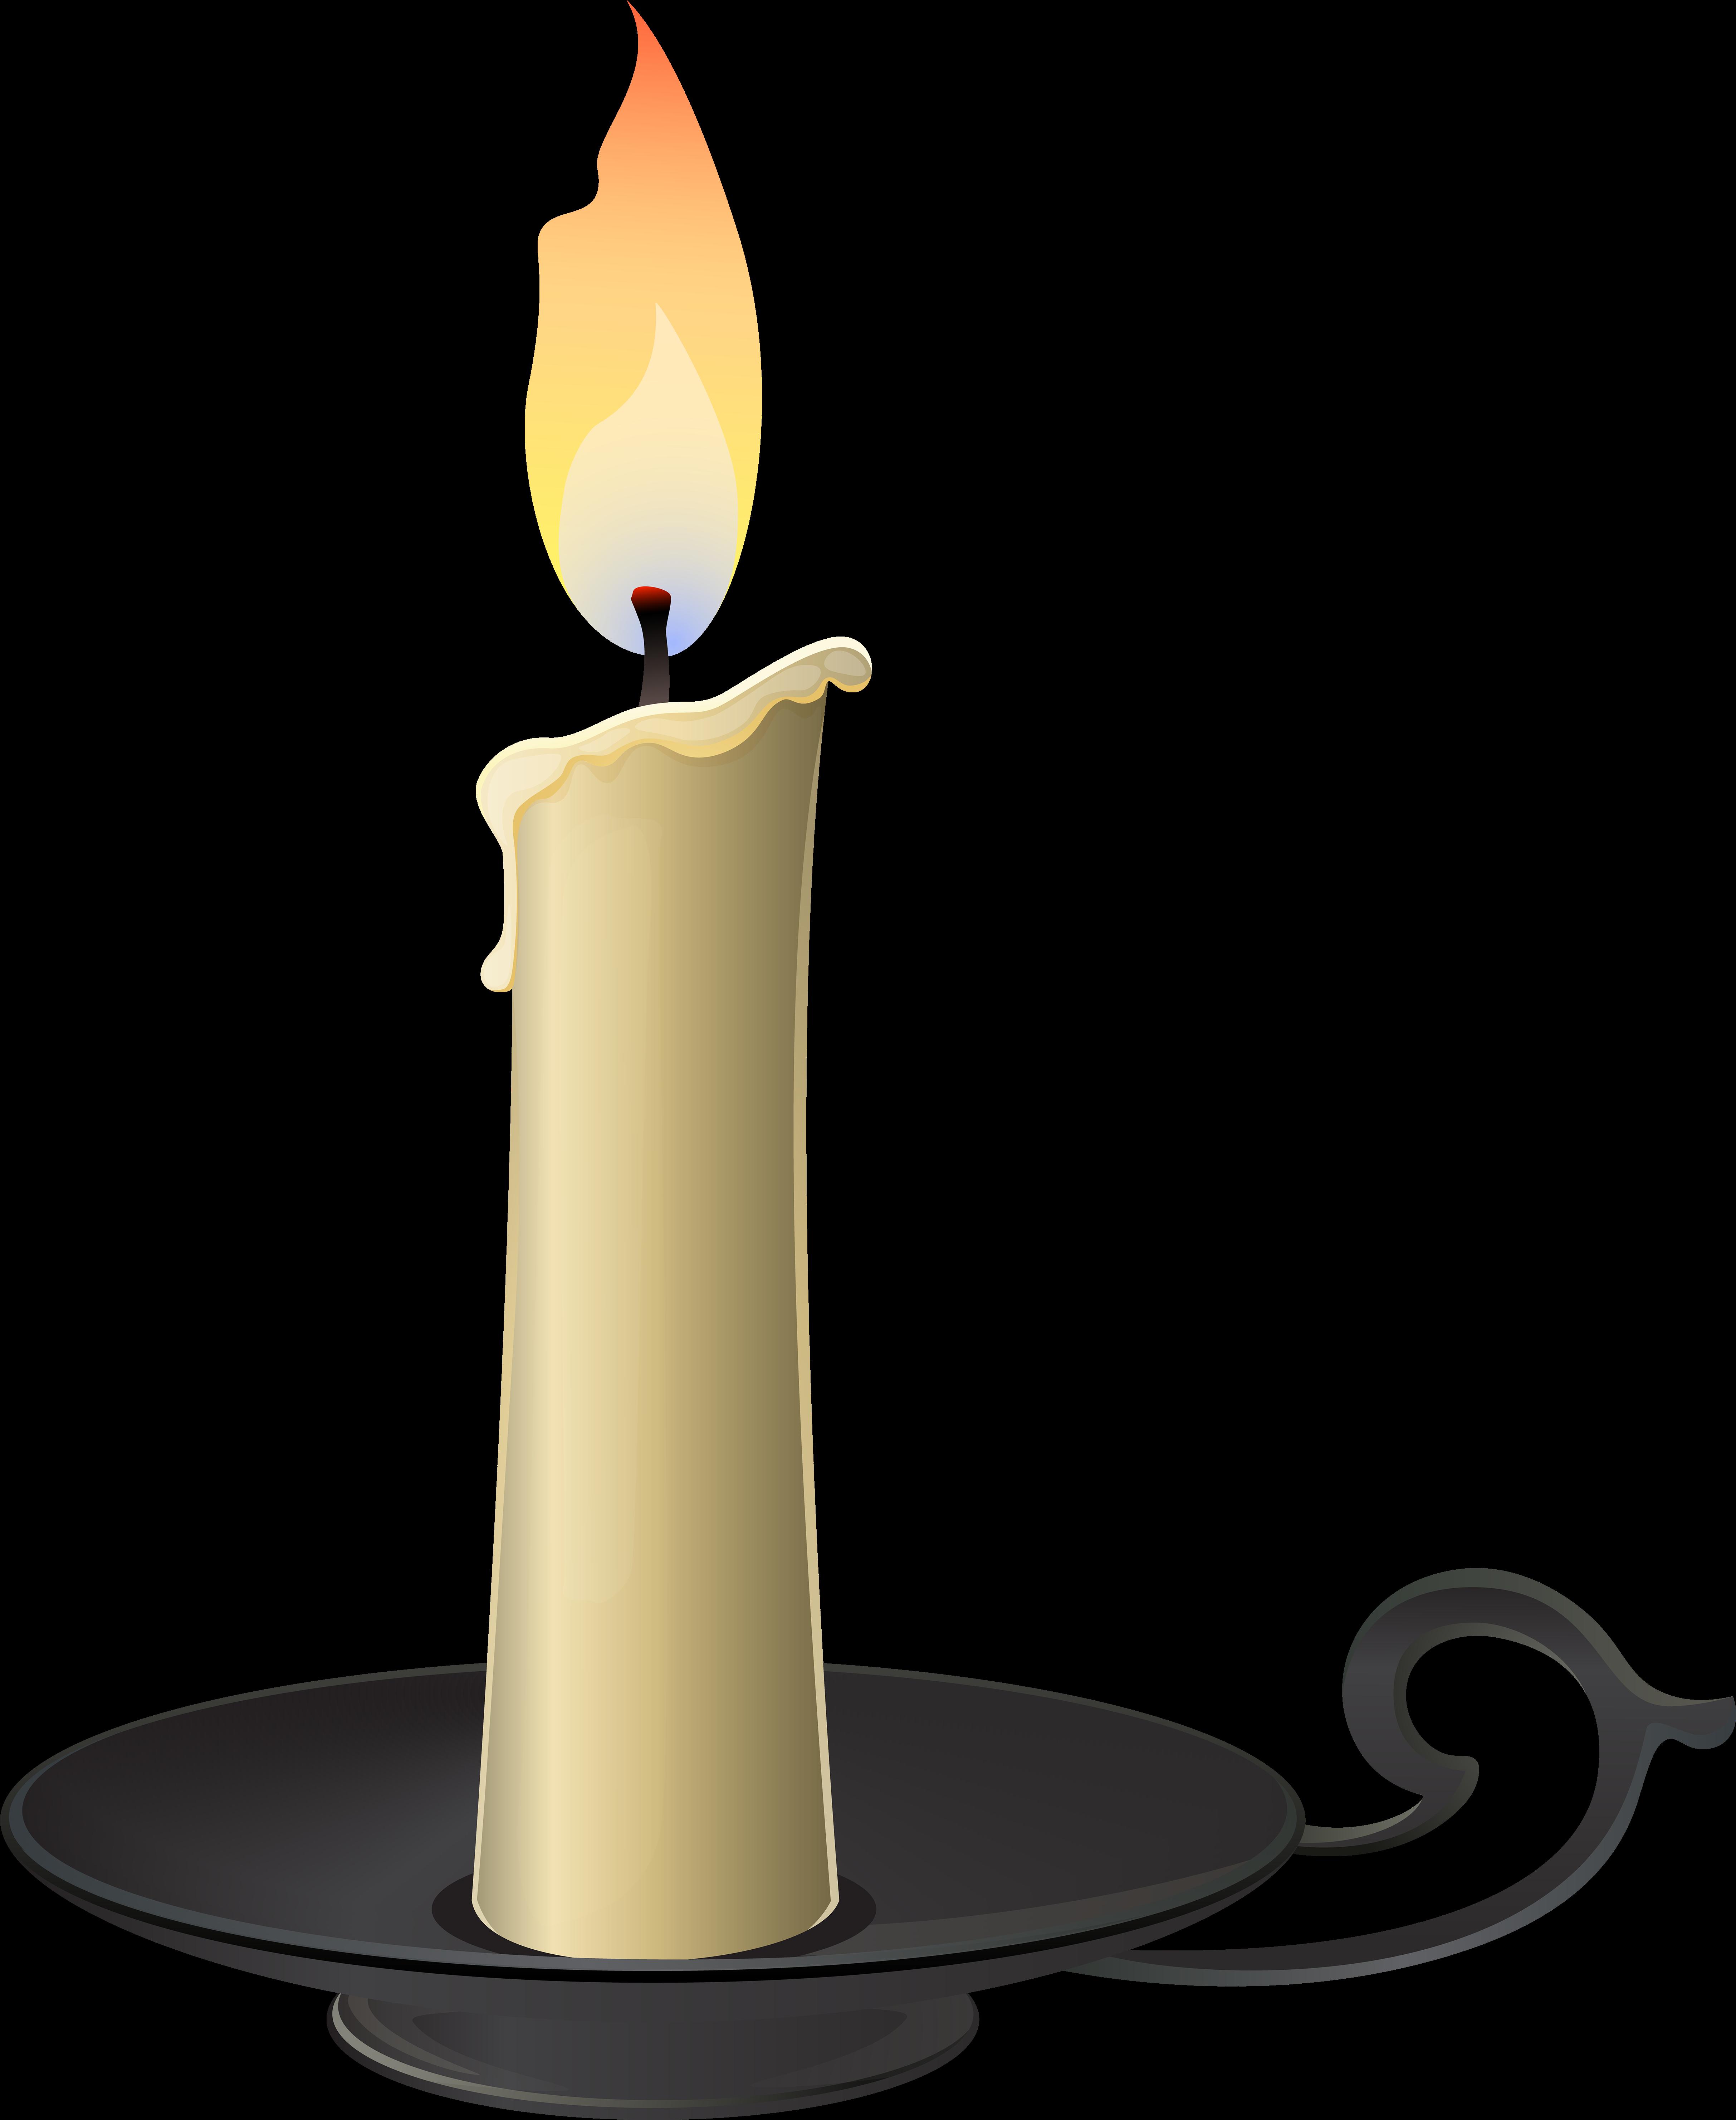 Свечи пнг картинки